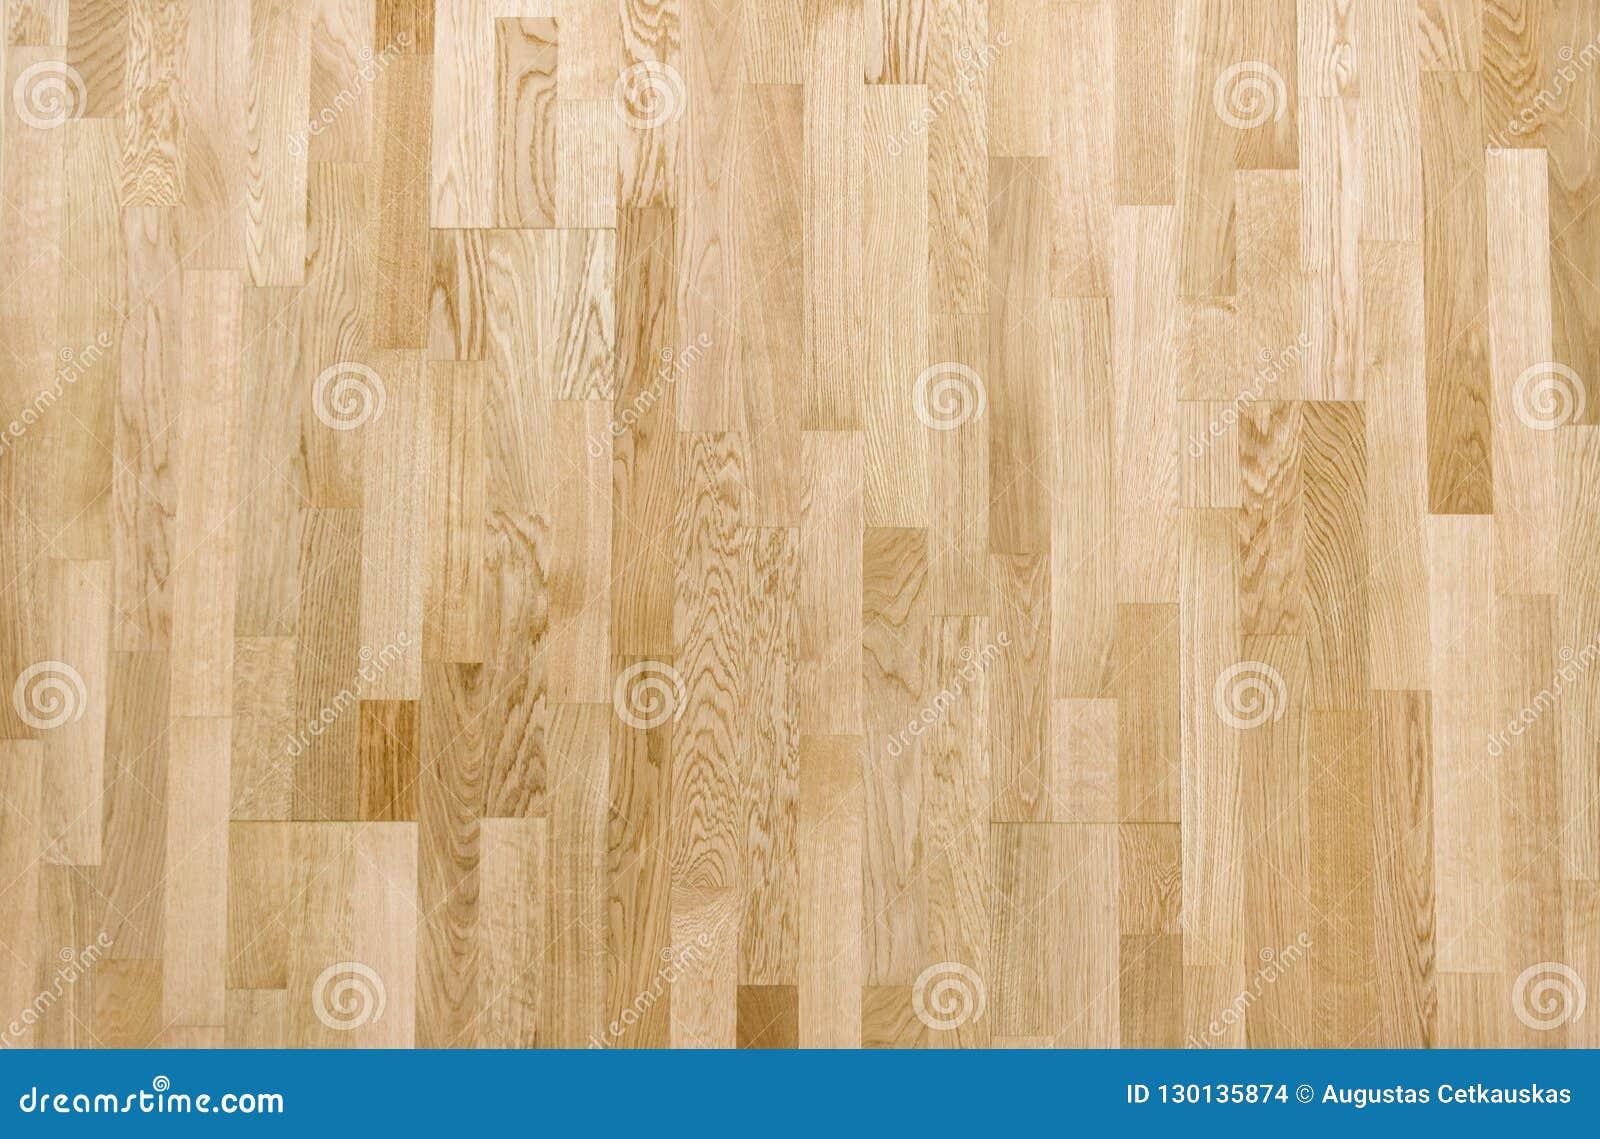 Fondo de madera de la textura del modelo del Grunge, backgroun de madera del entarimado